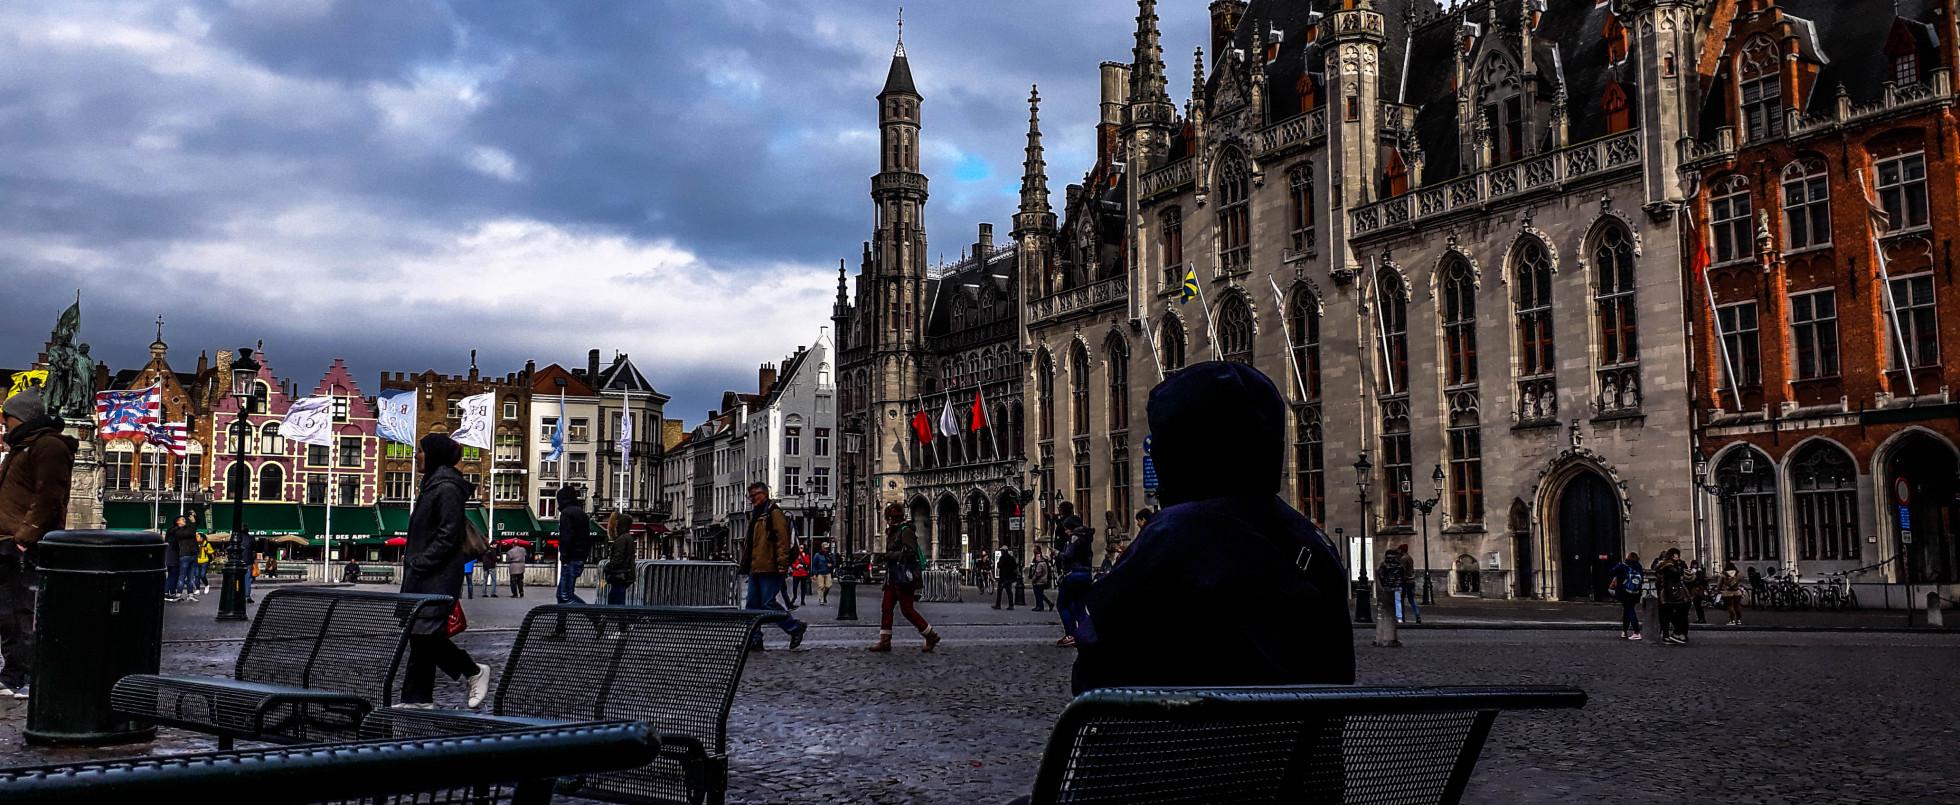 FilmQuest In Bruges